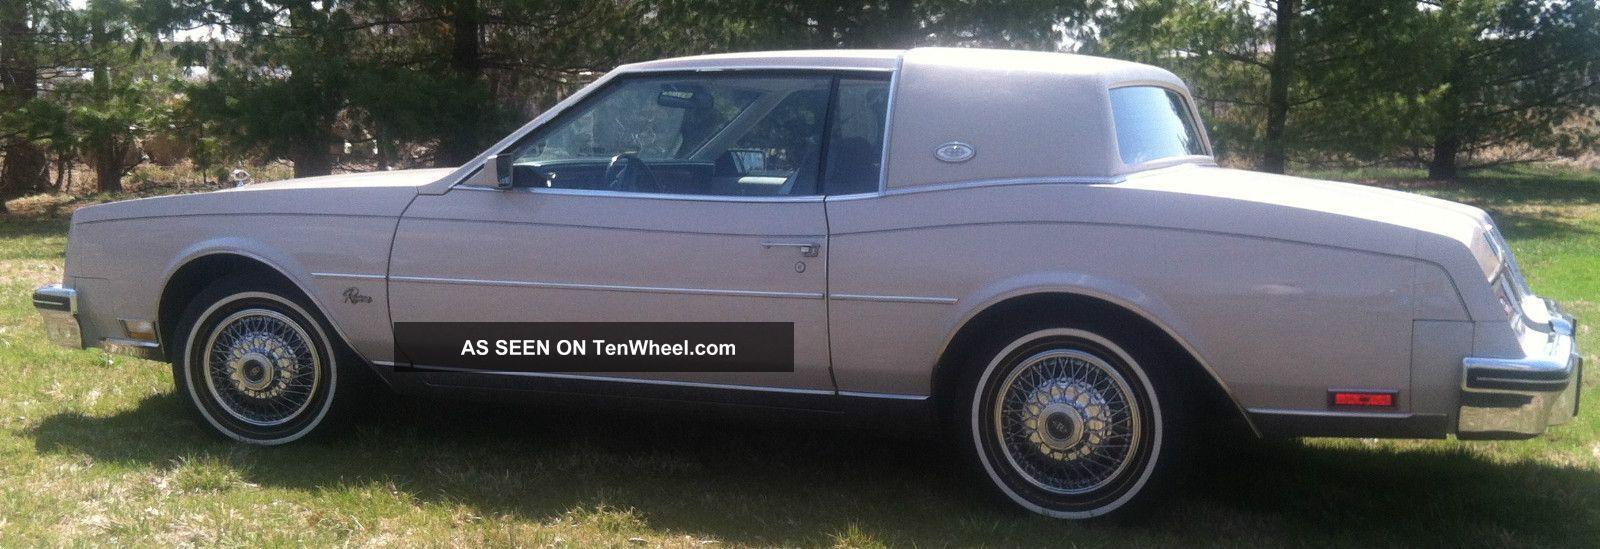 1968 buick electra 225 2 door hardtop front 3 4 81136 - 1983 Buick Riviera Raedesorrow S 1983 Buick Riviera 1983 Riviera S Pinterest Buick Riviera Buick And Low Low